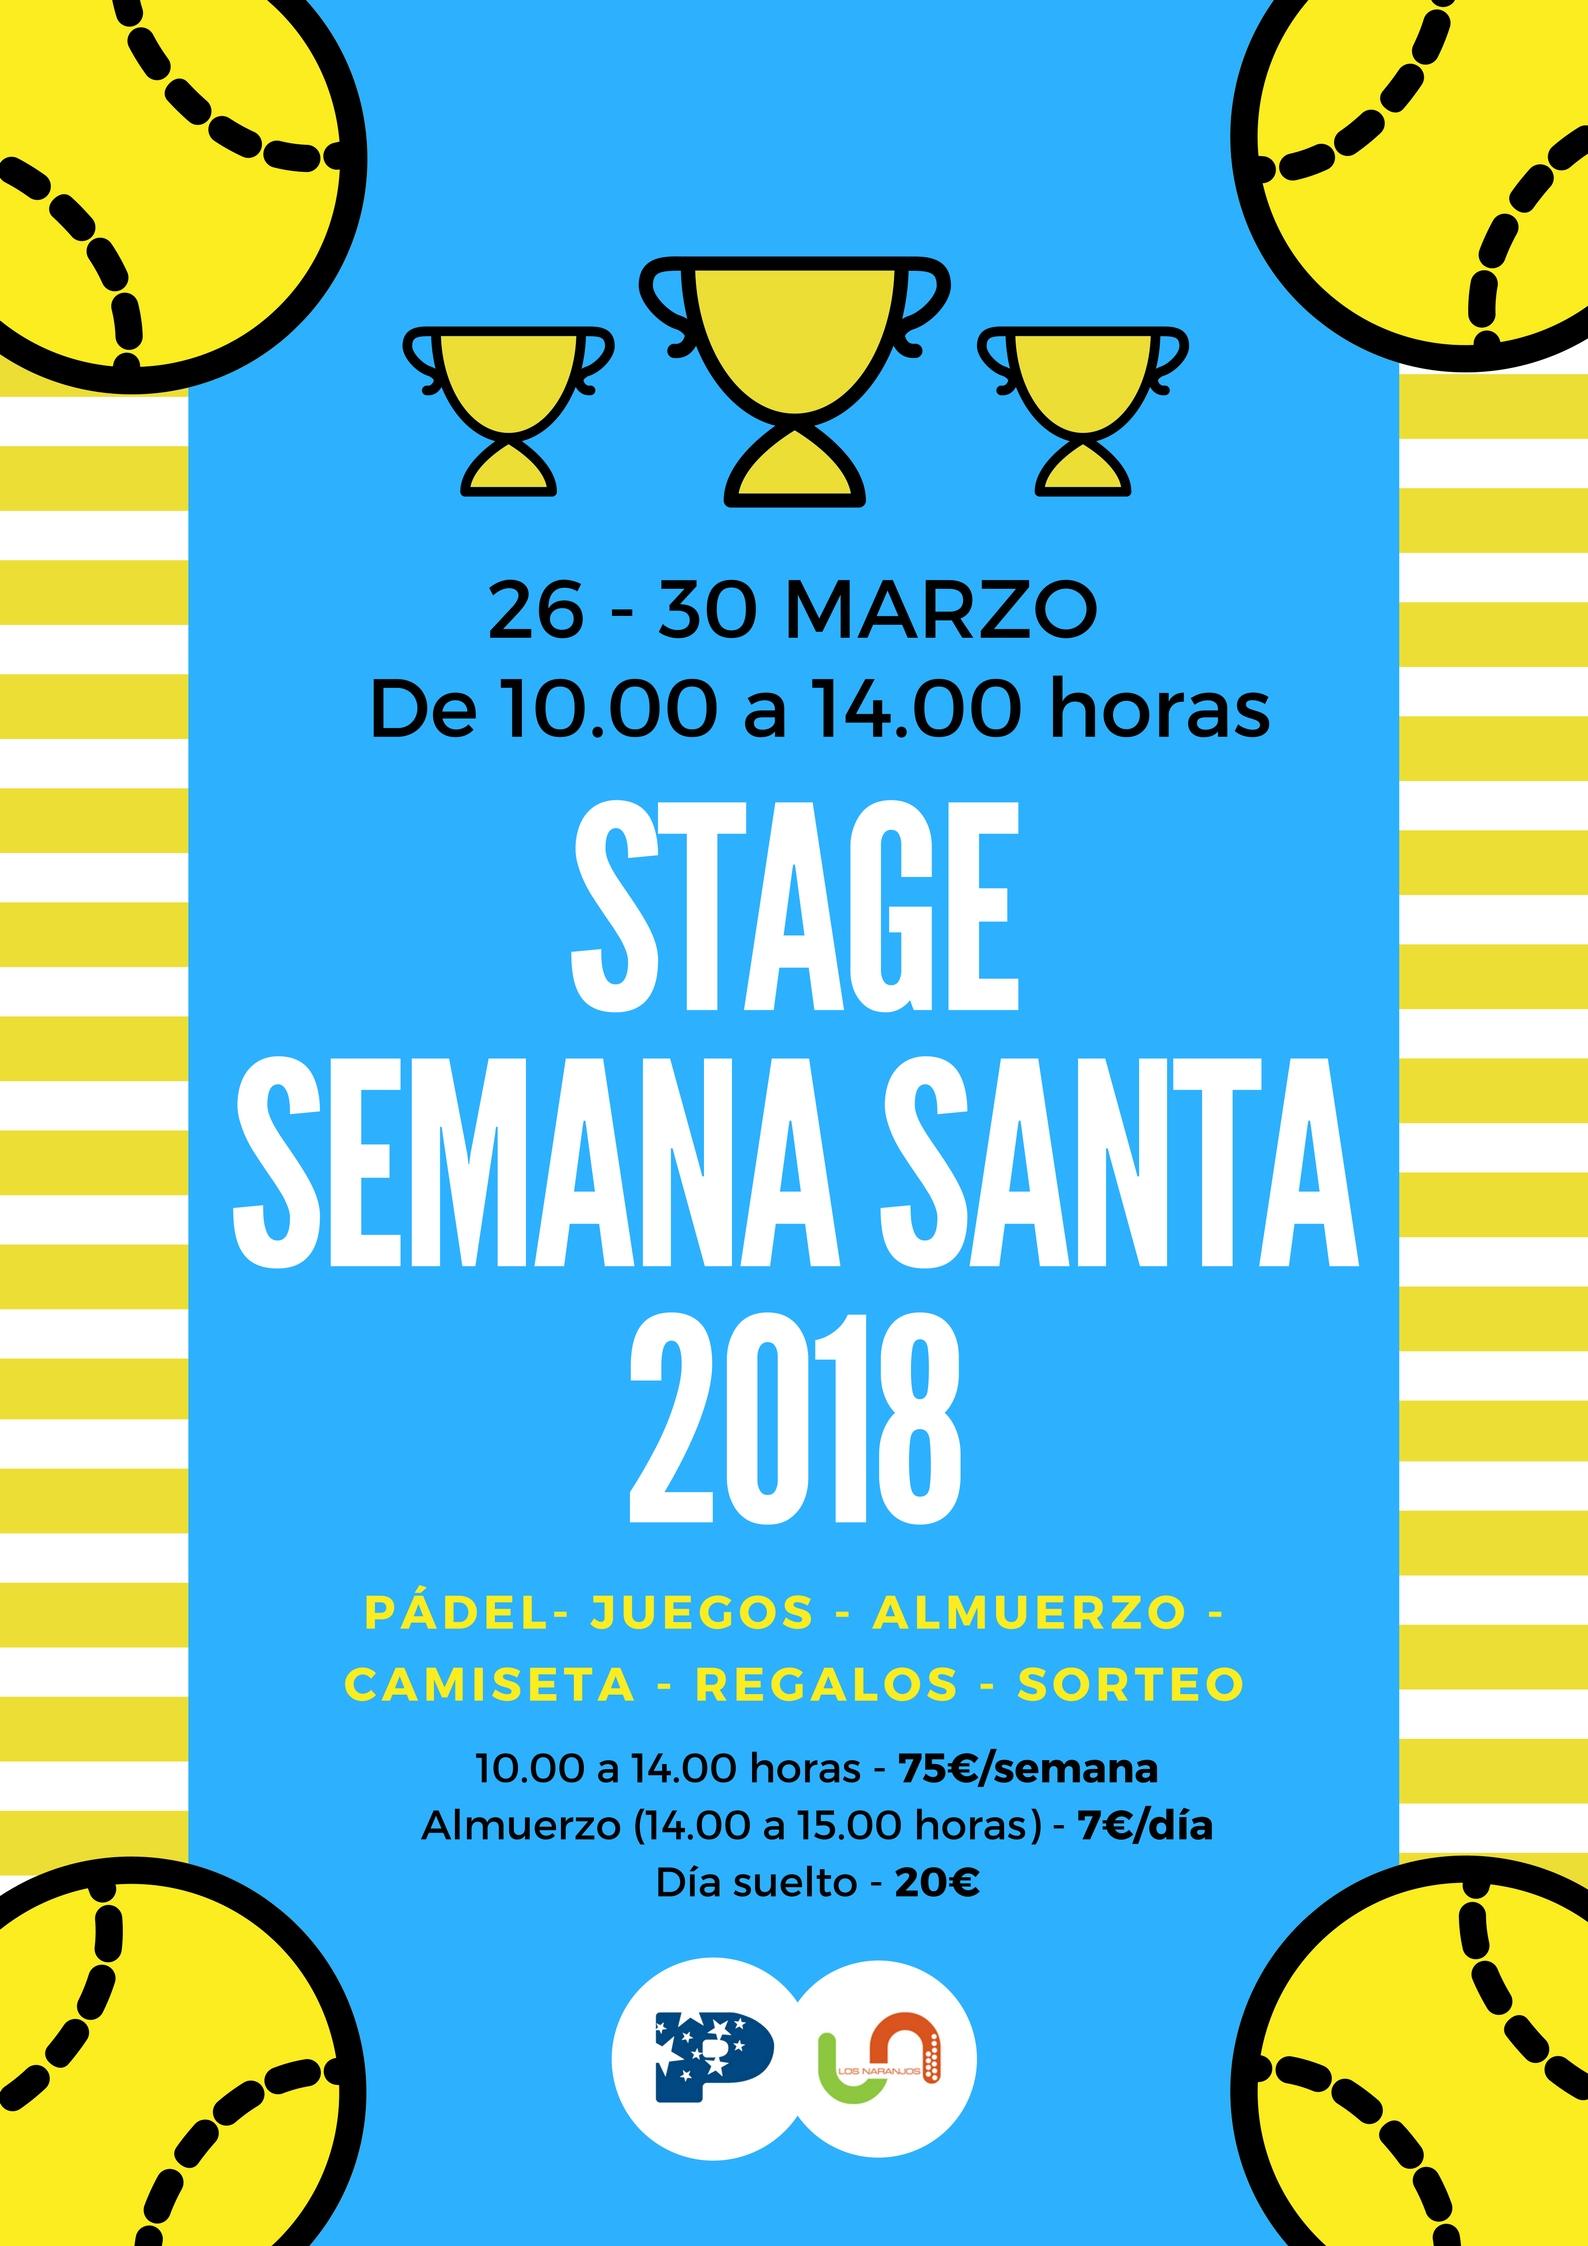 Stage Semana Santa 2018 Los Naranjos